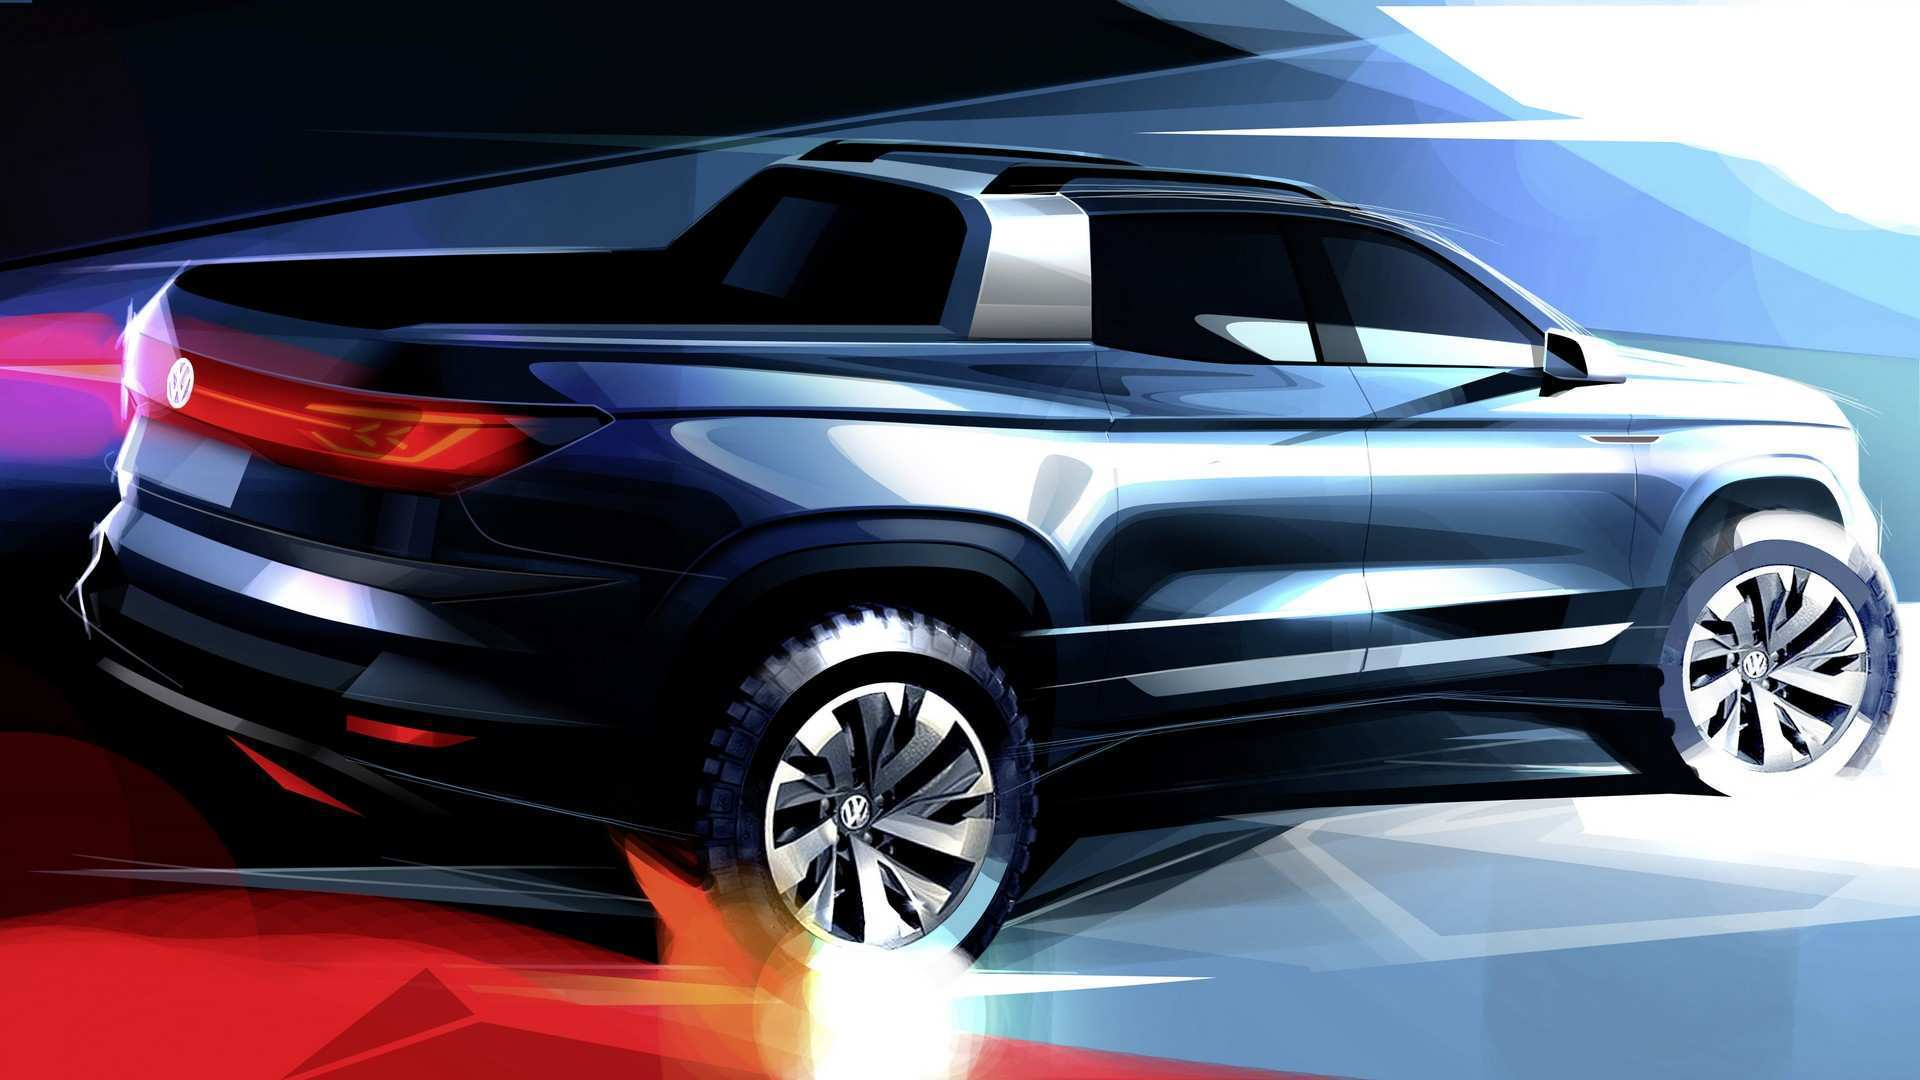 71 The Volkswagen Truck 2020 Concept by Volkswagen Truck 2020